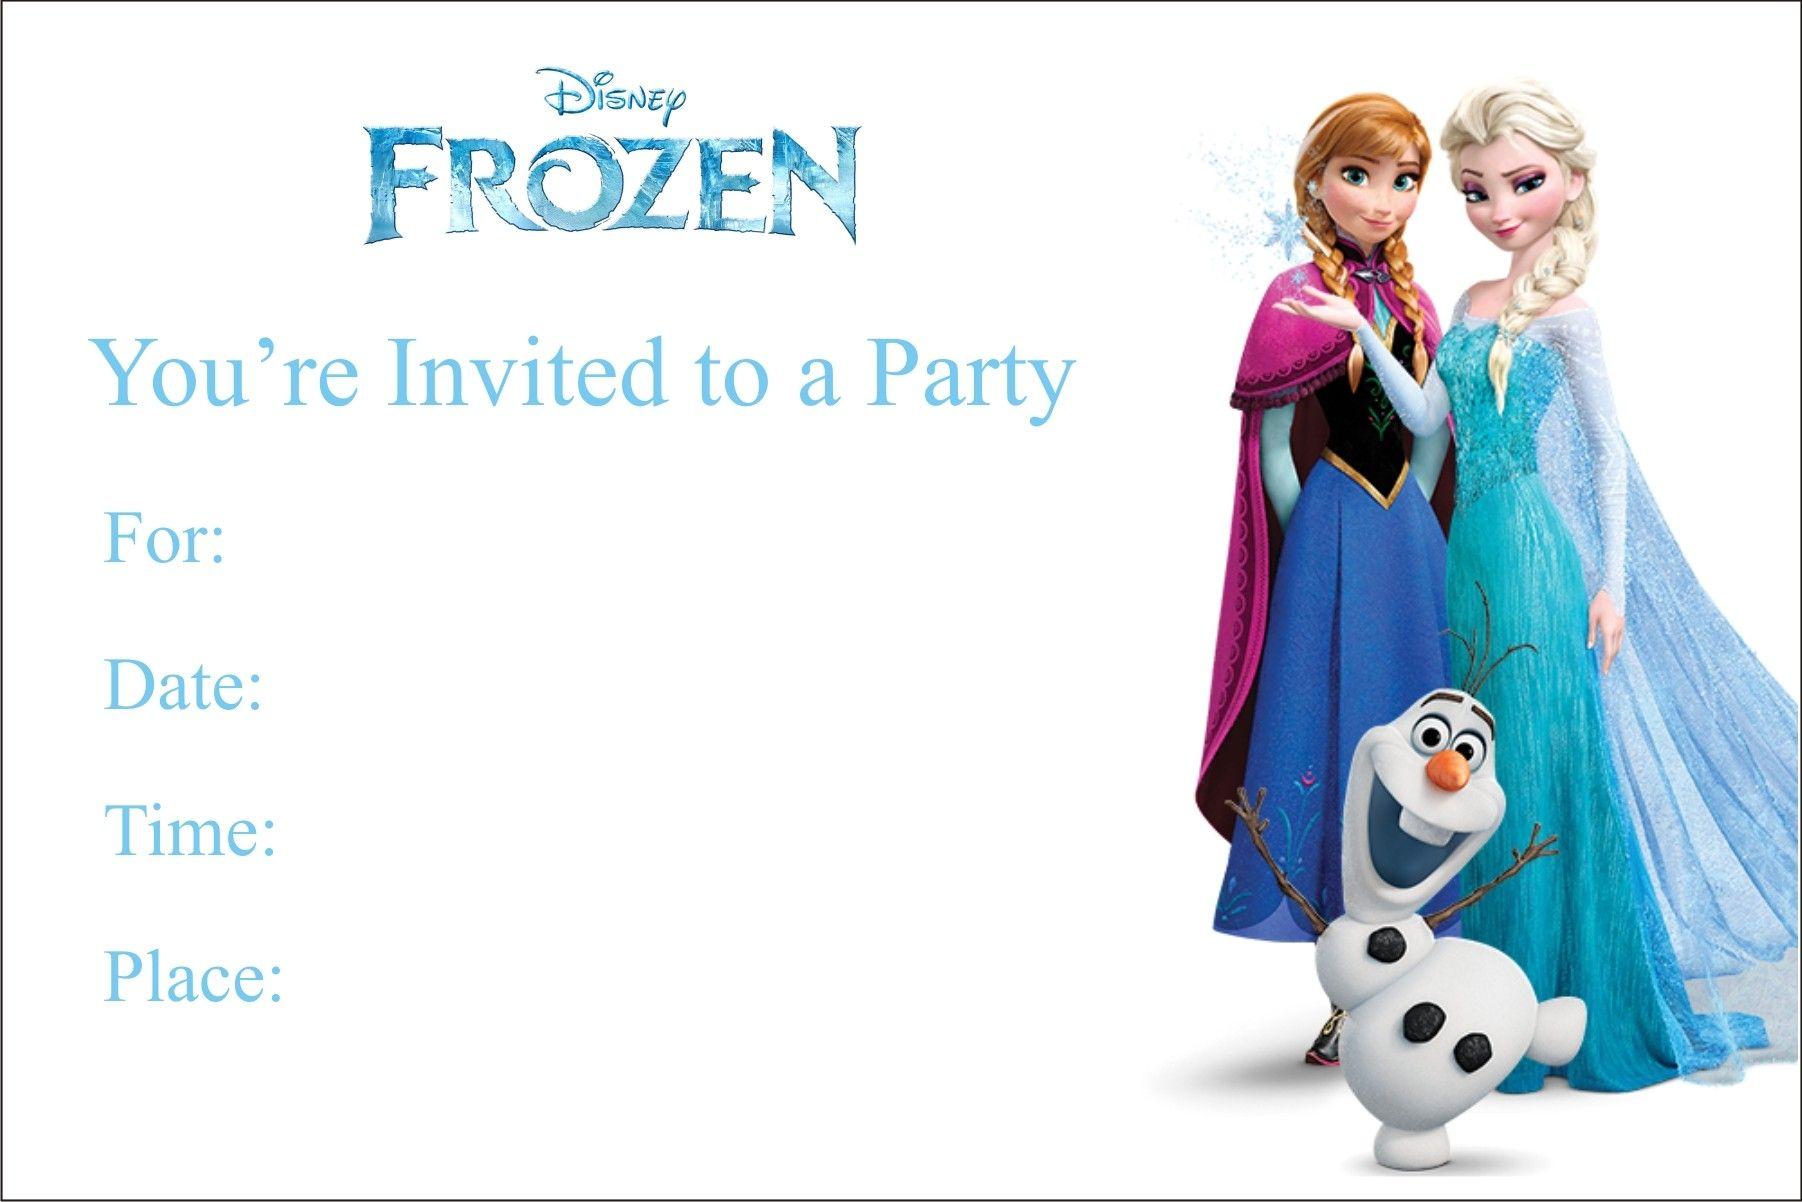 Frozen Free Printable Birthday Party Invitation Frozen Birthday Party Invites Frozen Birthday Invitations Printable Birthday Invitations